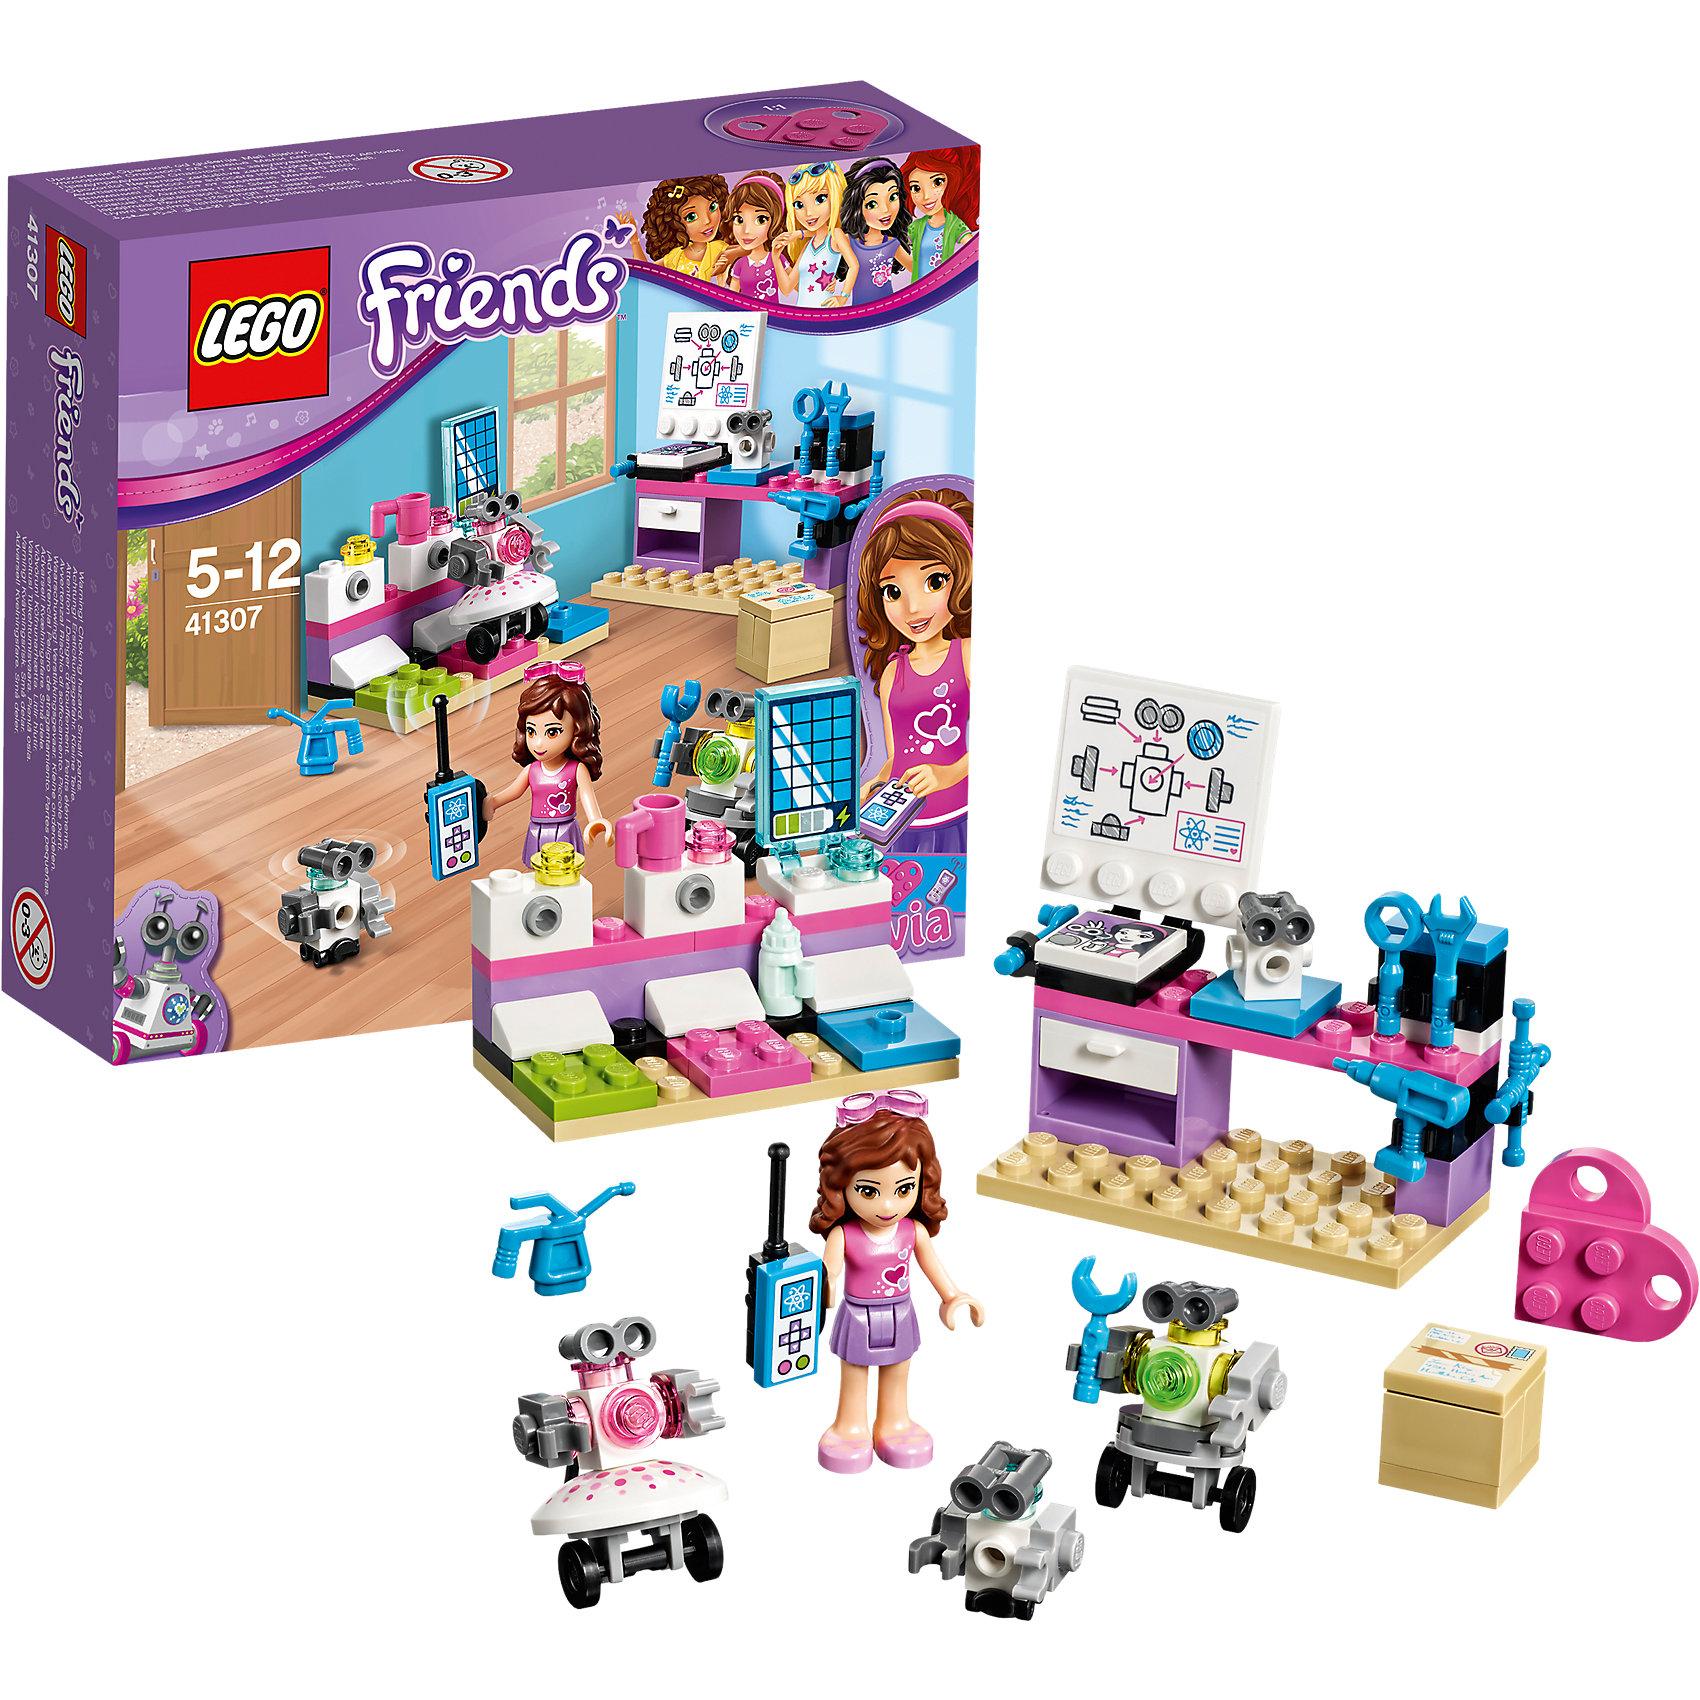 LEGO Friends 41307: Творческая лаборатория ОливииПластмассовые конструкторы<br>LEGO Friends 41307: Творческая лаборатория Оливии<br><br>Характеристики:<br><br>- в набор входит: детали лаборатории и трех роботов, фигурка Оливии, аксессуары, красочная инструкция<br>- состав: пластик<br>- количество деталей: 91<br>- размер зарядной станции: 6 * 3 * 5 см.<br>- размер лабораторного стола: 7 * 3 * 6 см.<br>- для детей в возрасте: от 5 до 12 лет<br>- Страна производитель: Дания/Китай/Чехия<br><br>Легендарный конструктор LEGO (ЛЕГО) представляет серию «Friends» (Друзья) в которую входят наборы конструкторов интересных не только в строительстве, но и в игре. <br><br>Серия разработана с учетом различных повседневных ситуаций и мест. Оливия просто обожает технику и уже научилась собирать своих роботов. Она заказывает детали со всего мира и у нее получается создавать уникальных роботов. Она собирает роботов-девочек с деталями-юбочками и роботов-мальчиков с функциями ремонта. На ее лабораторном столе расположены схемы и набор инструментов, а так же фотография с любимым роботом. Ящик стола открывается, в набор входит шесть инструментов и пуль управления. Оливия сконструировала станцию для зарядки для роботов, чтобы они не перестали работать. <br><br>Фигурка Оливии отлично проработана, ее рельефные волосы уложены в красивую прическу и она носит розовый бант. Ее наряд ей отлично подходит – розовый топ и лиловая однотонная юбка. Фигурка может двигать головой, руками, торсом и принимать сидячее положение. В набор входит розовая деталь-кулончик серии LEGO «Friends». <br><br>Играя с конструктором ребенок развивает моторику рук, воображение и логическое мышление, научится собирать по инструкции и создавать свои модели. Придумывайте новые истории любимых героев с набором LEGO «Friends»!<br><br>Конструктор LEGO Friends 41307: Творческая лаборатория Оливии можно купить в нашем интернет-магазине.<br><br>Ширина мм: 158<br>Глубина мм: 139<br>Высота мм: 49<br>Вес г: 112<br>Возраст от месяцев: 